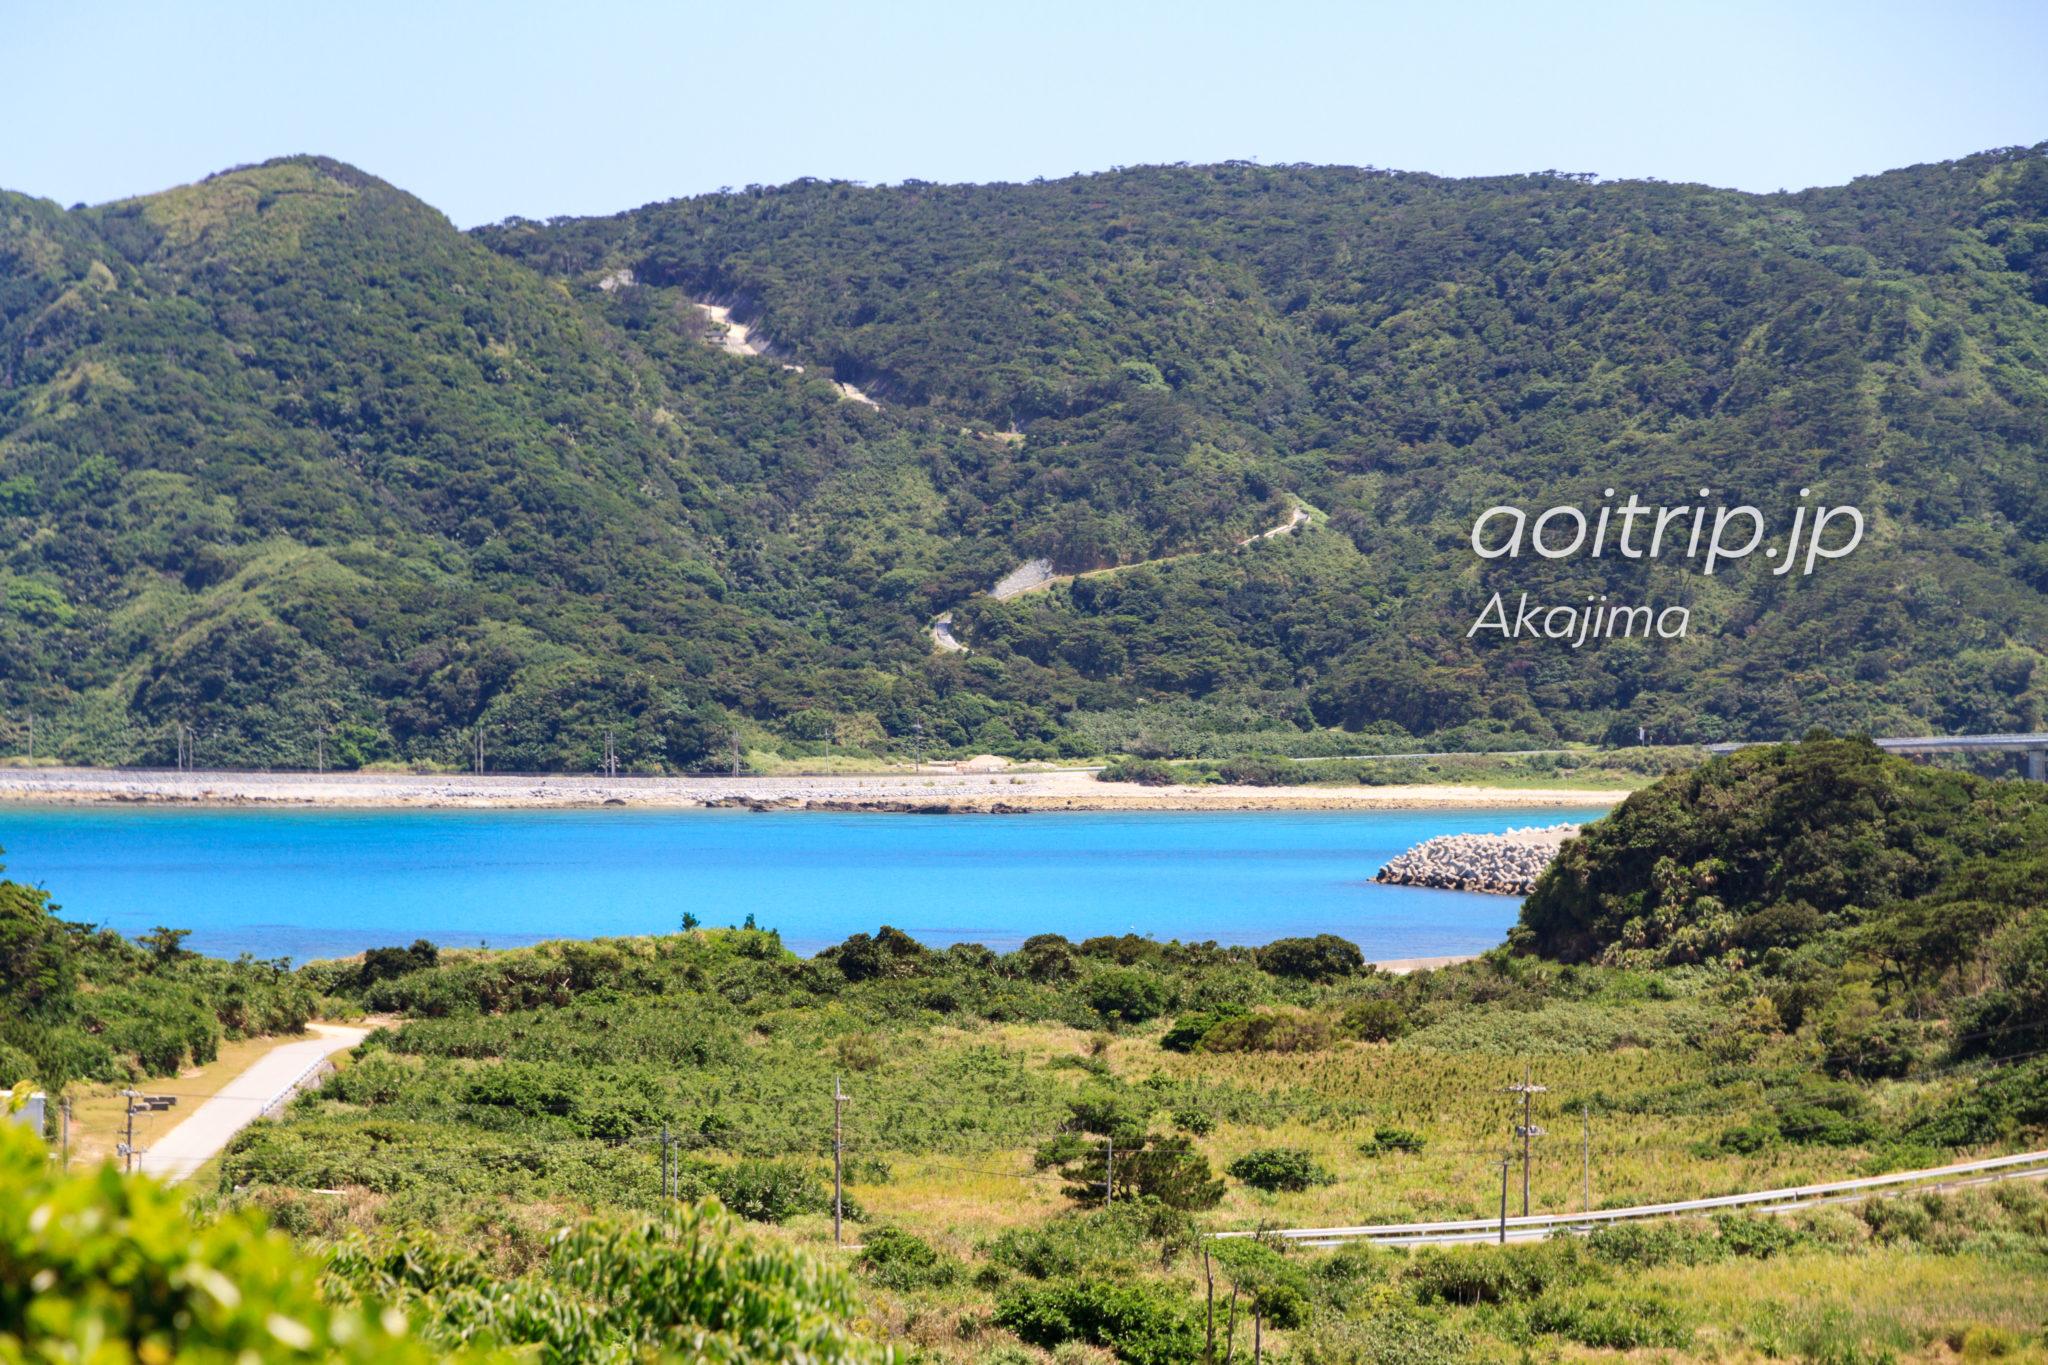 阿嘉島の北浜展望台から慶留間島を望む